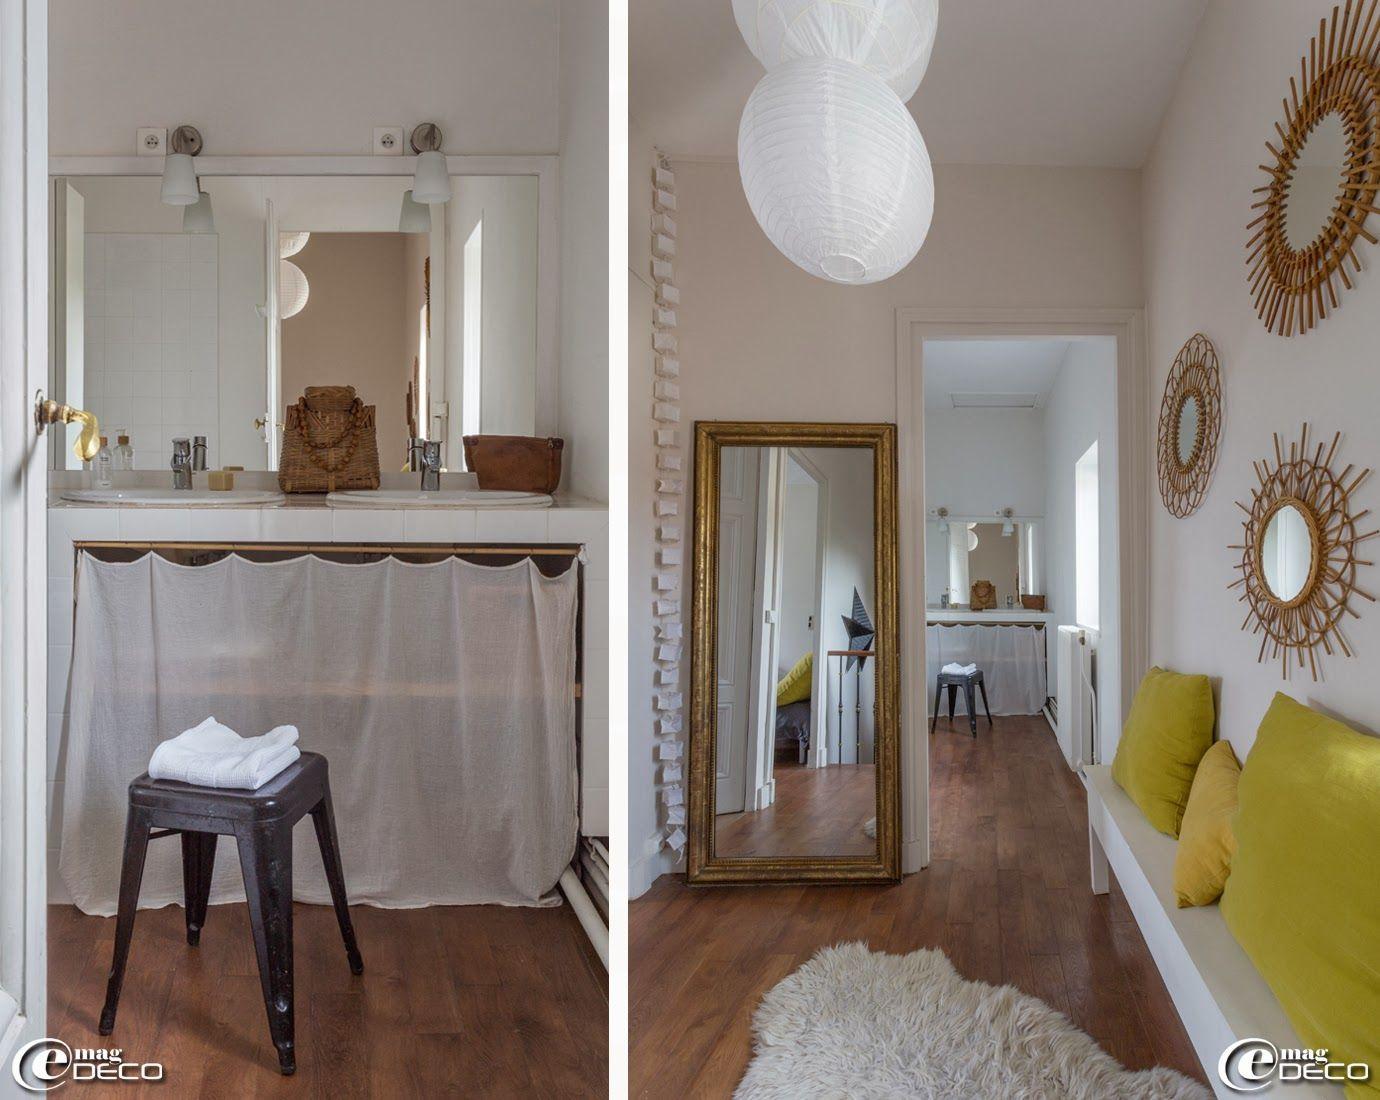 dans une salle de bains tabouret tolix appliques 39 ikea 39 guirlande lumineuse cubiste 39 ts. Black Bedroom Furniture Sets. Home Design Ideas